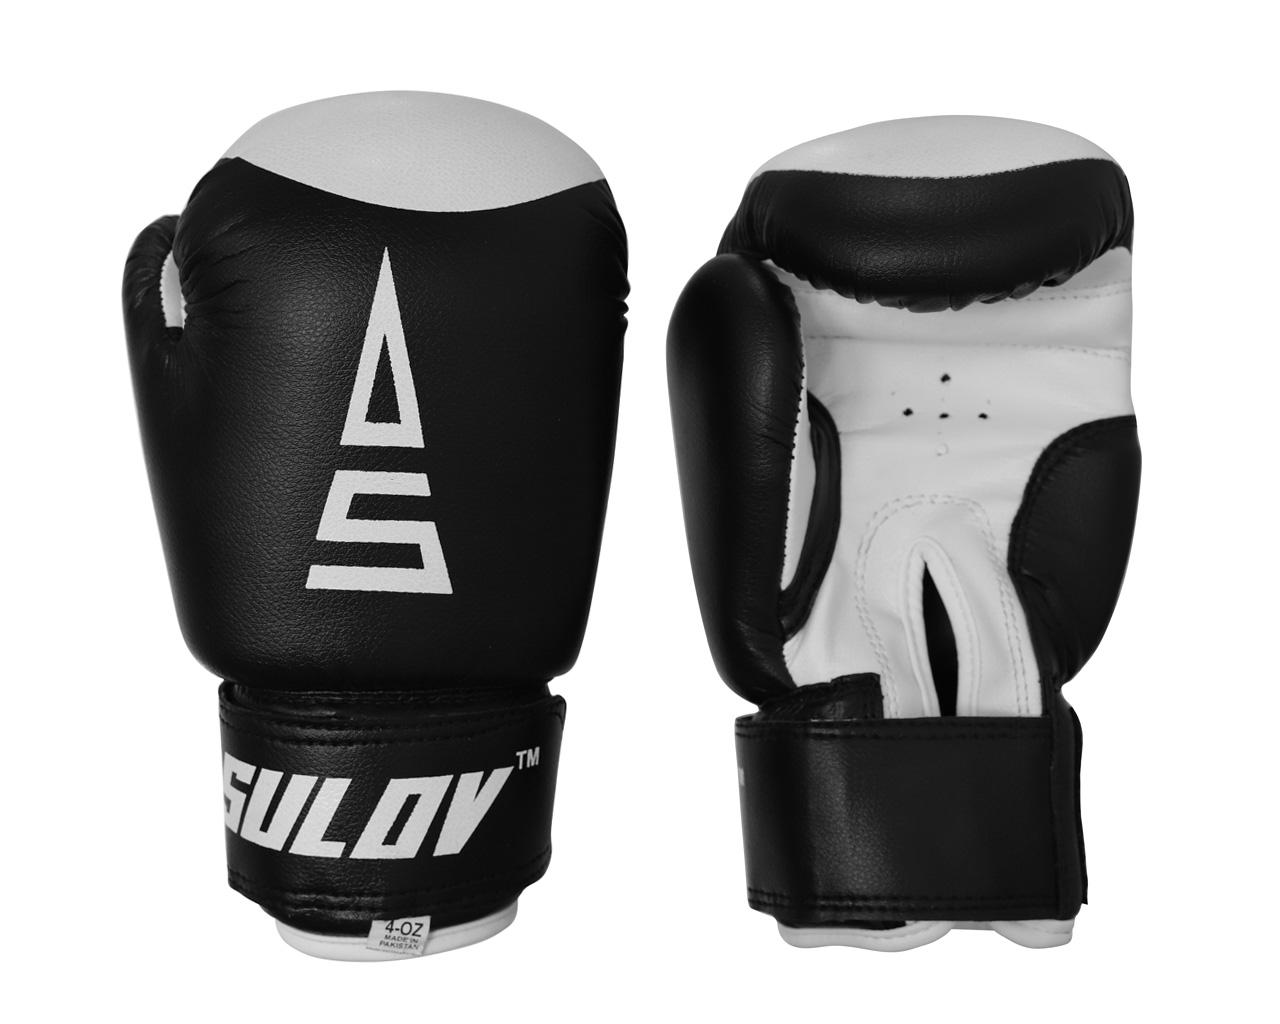 Sulov Dětské boxerské rukavice 4 oz černé